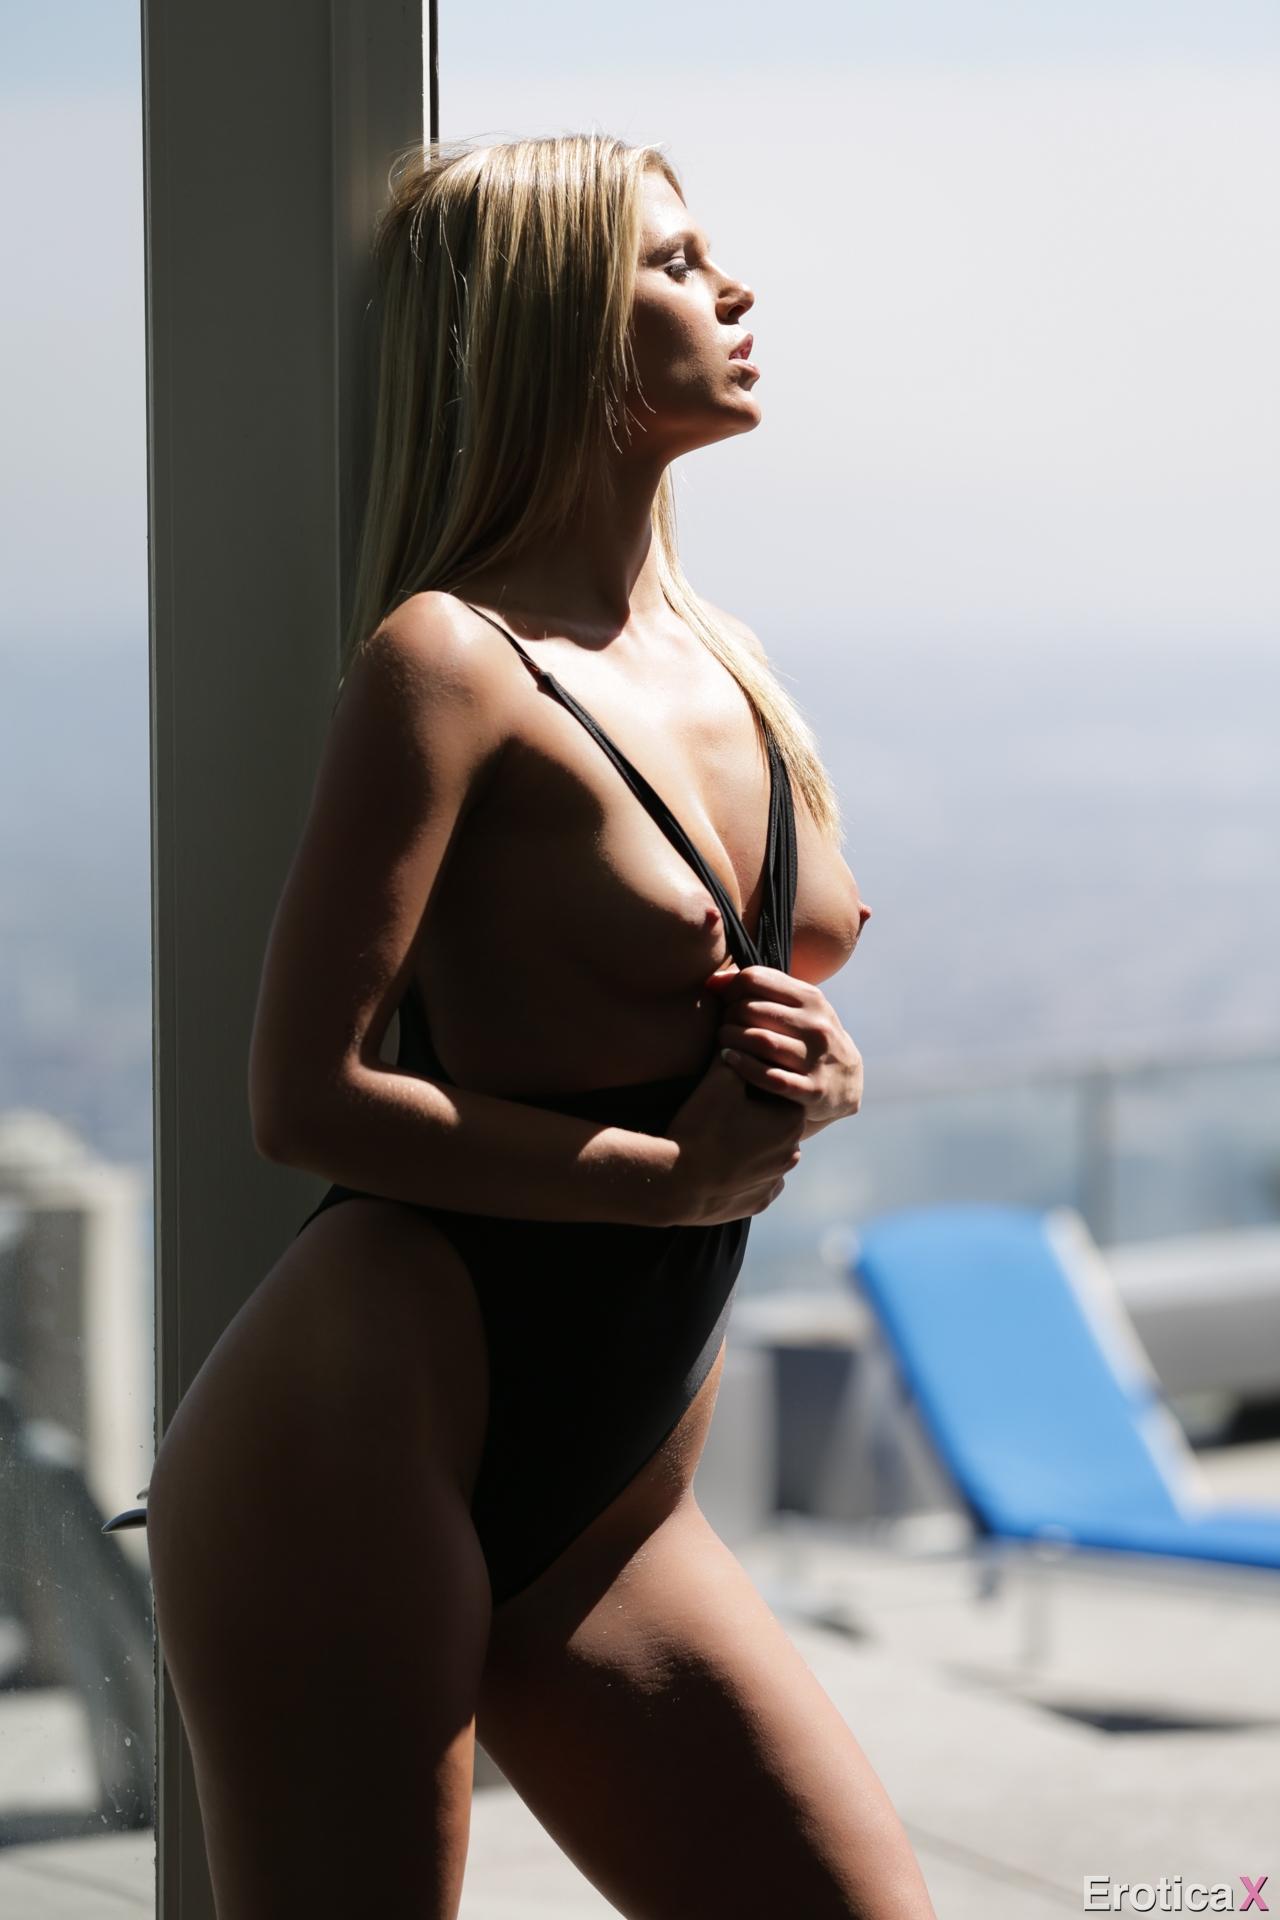 Hd sucking pic boobs